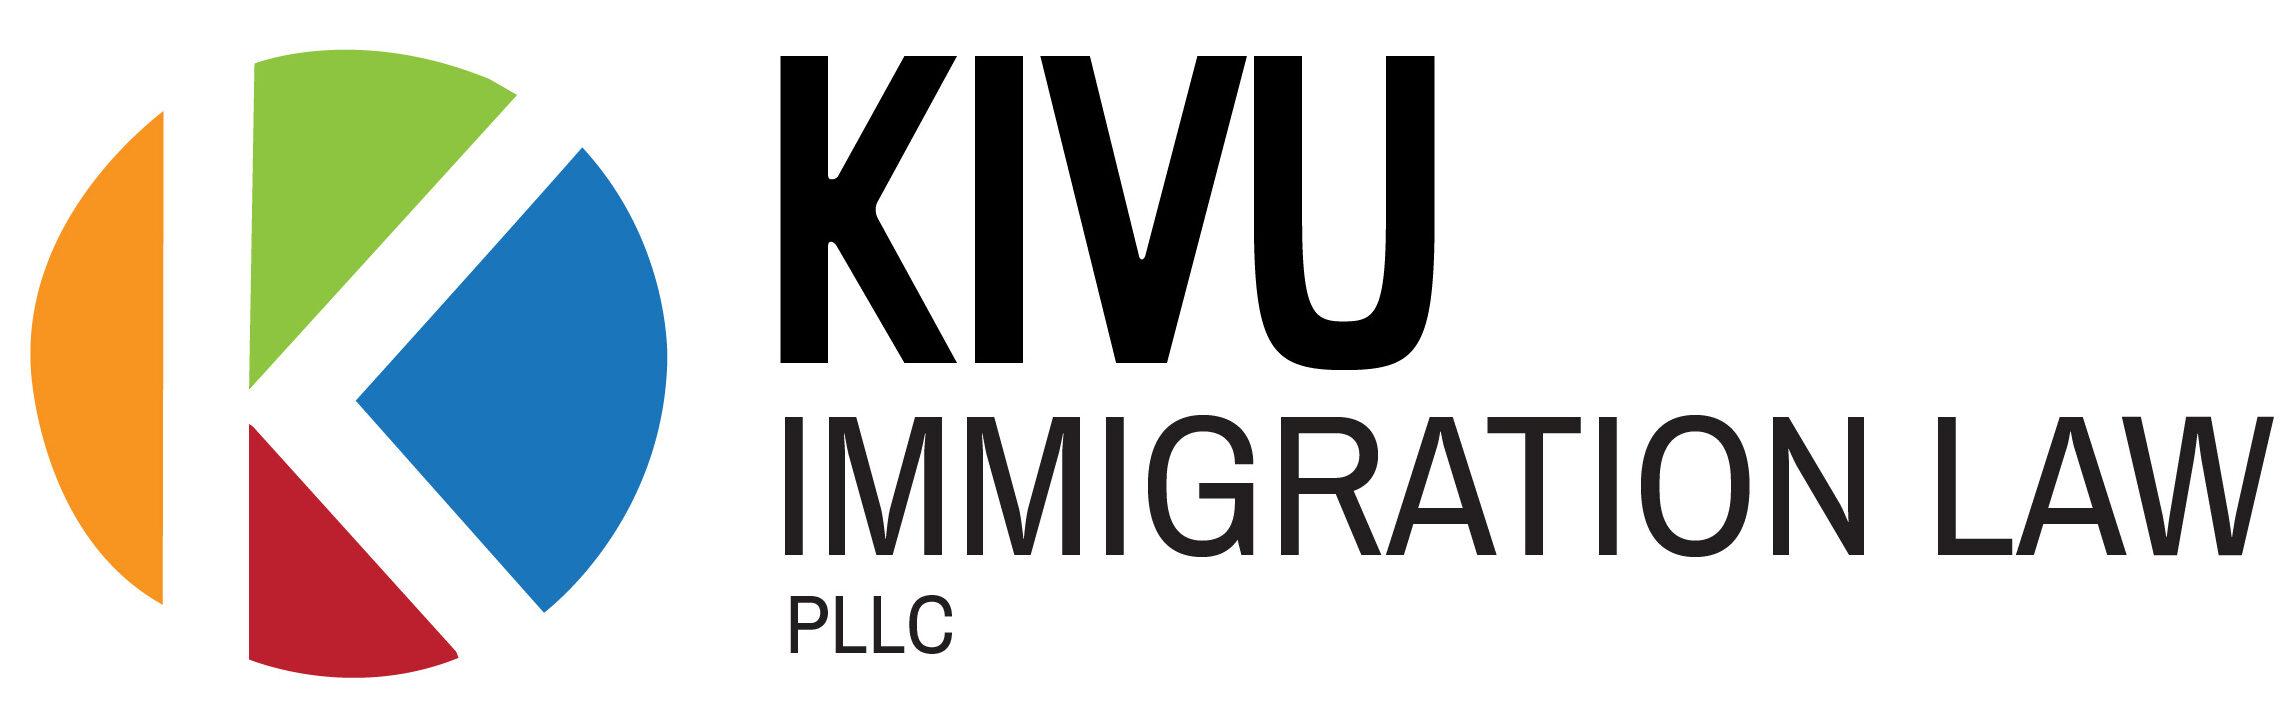 Kivu Immigration Law